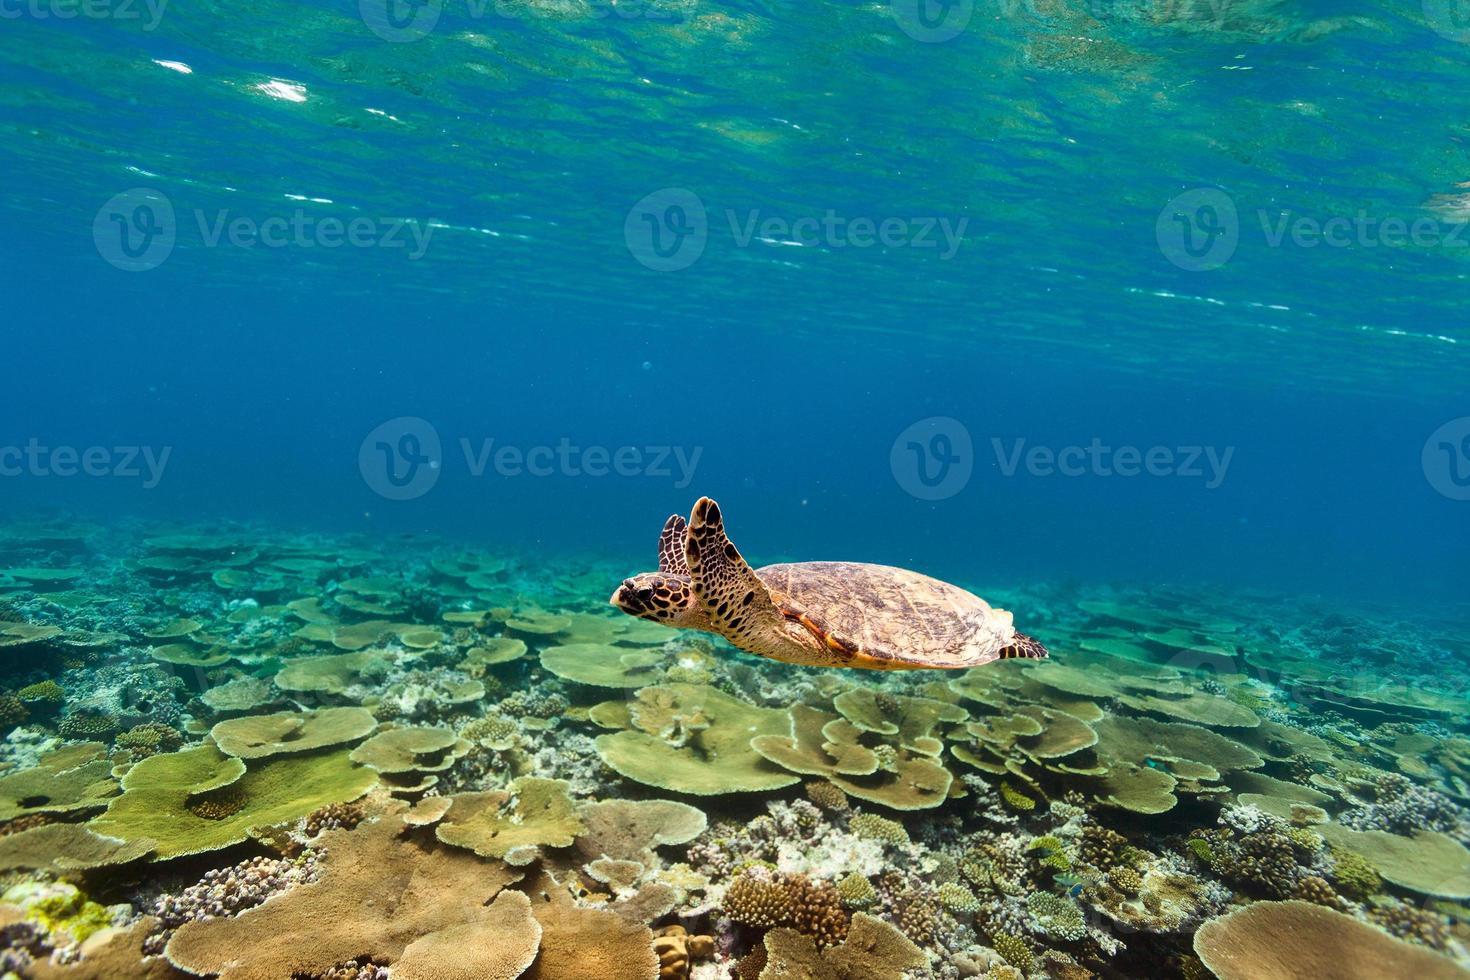 tartaruga nadando debaixo d'água foto